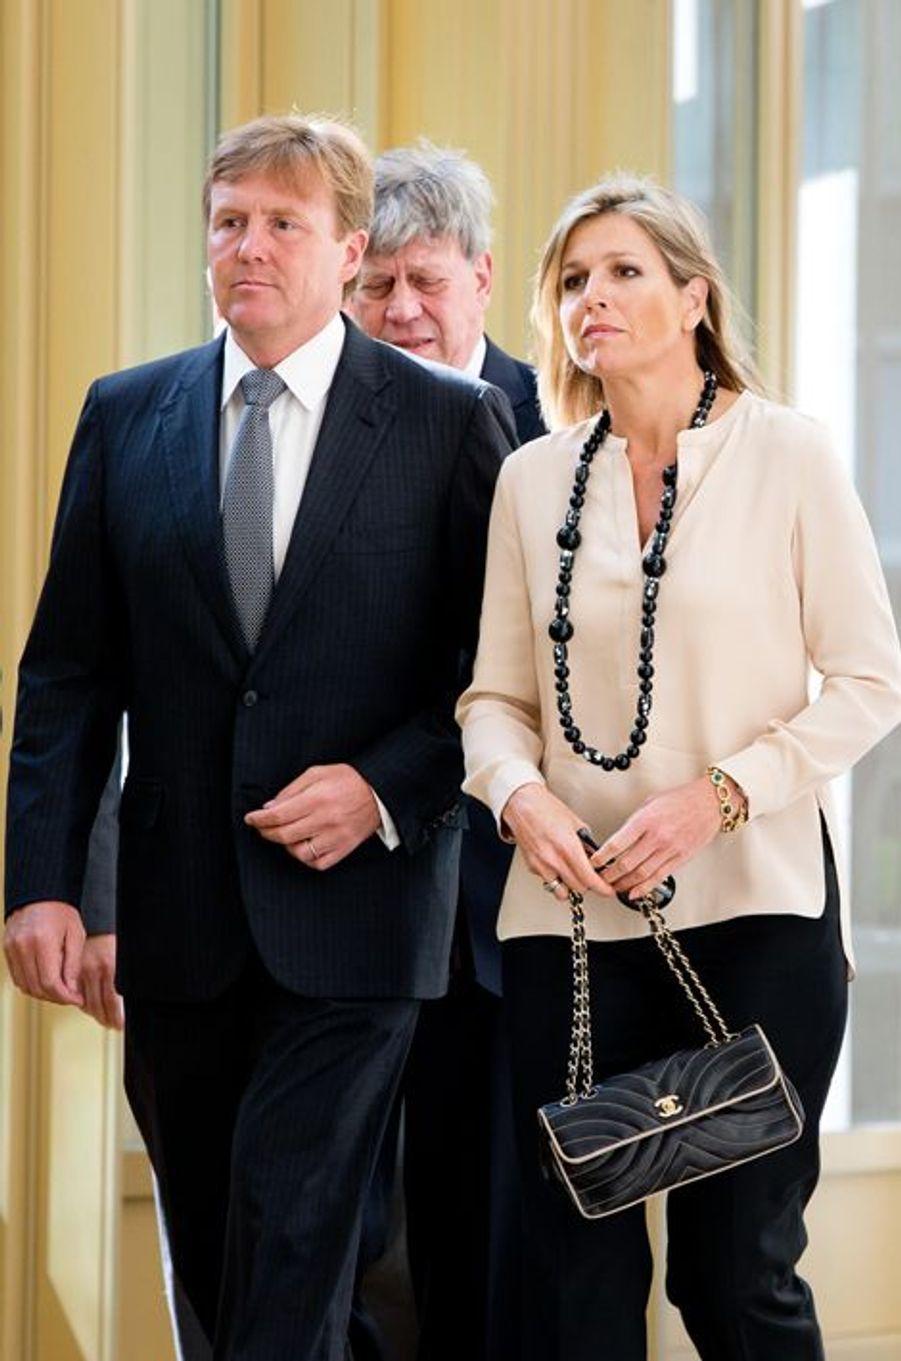 Le roi Willem-Alexander et la reine Maxima signent le livre de condoléances au ministère de la Défense et de la Justice le 18 juillet